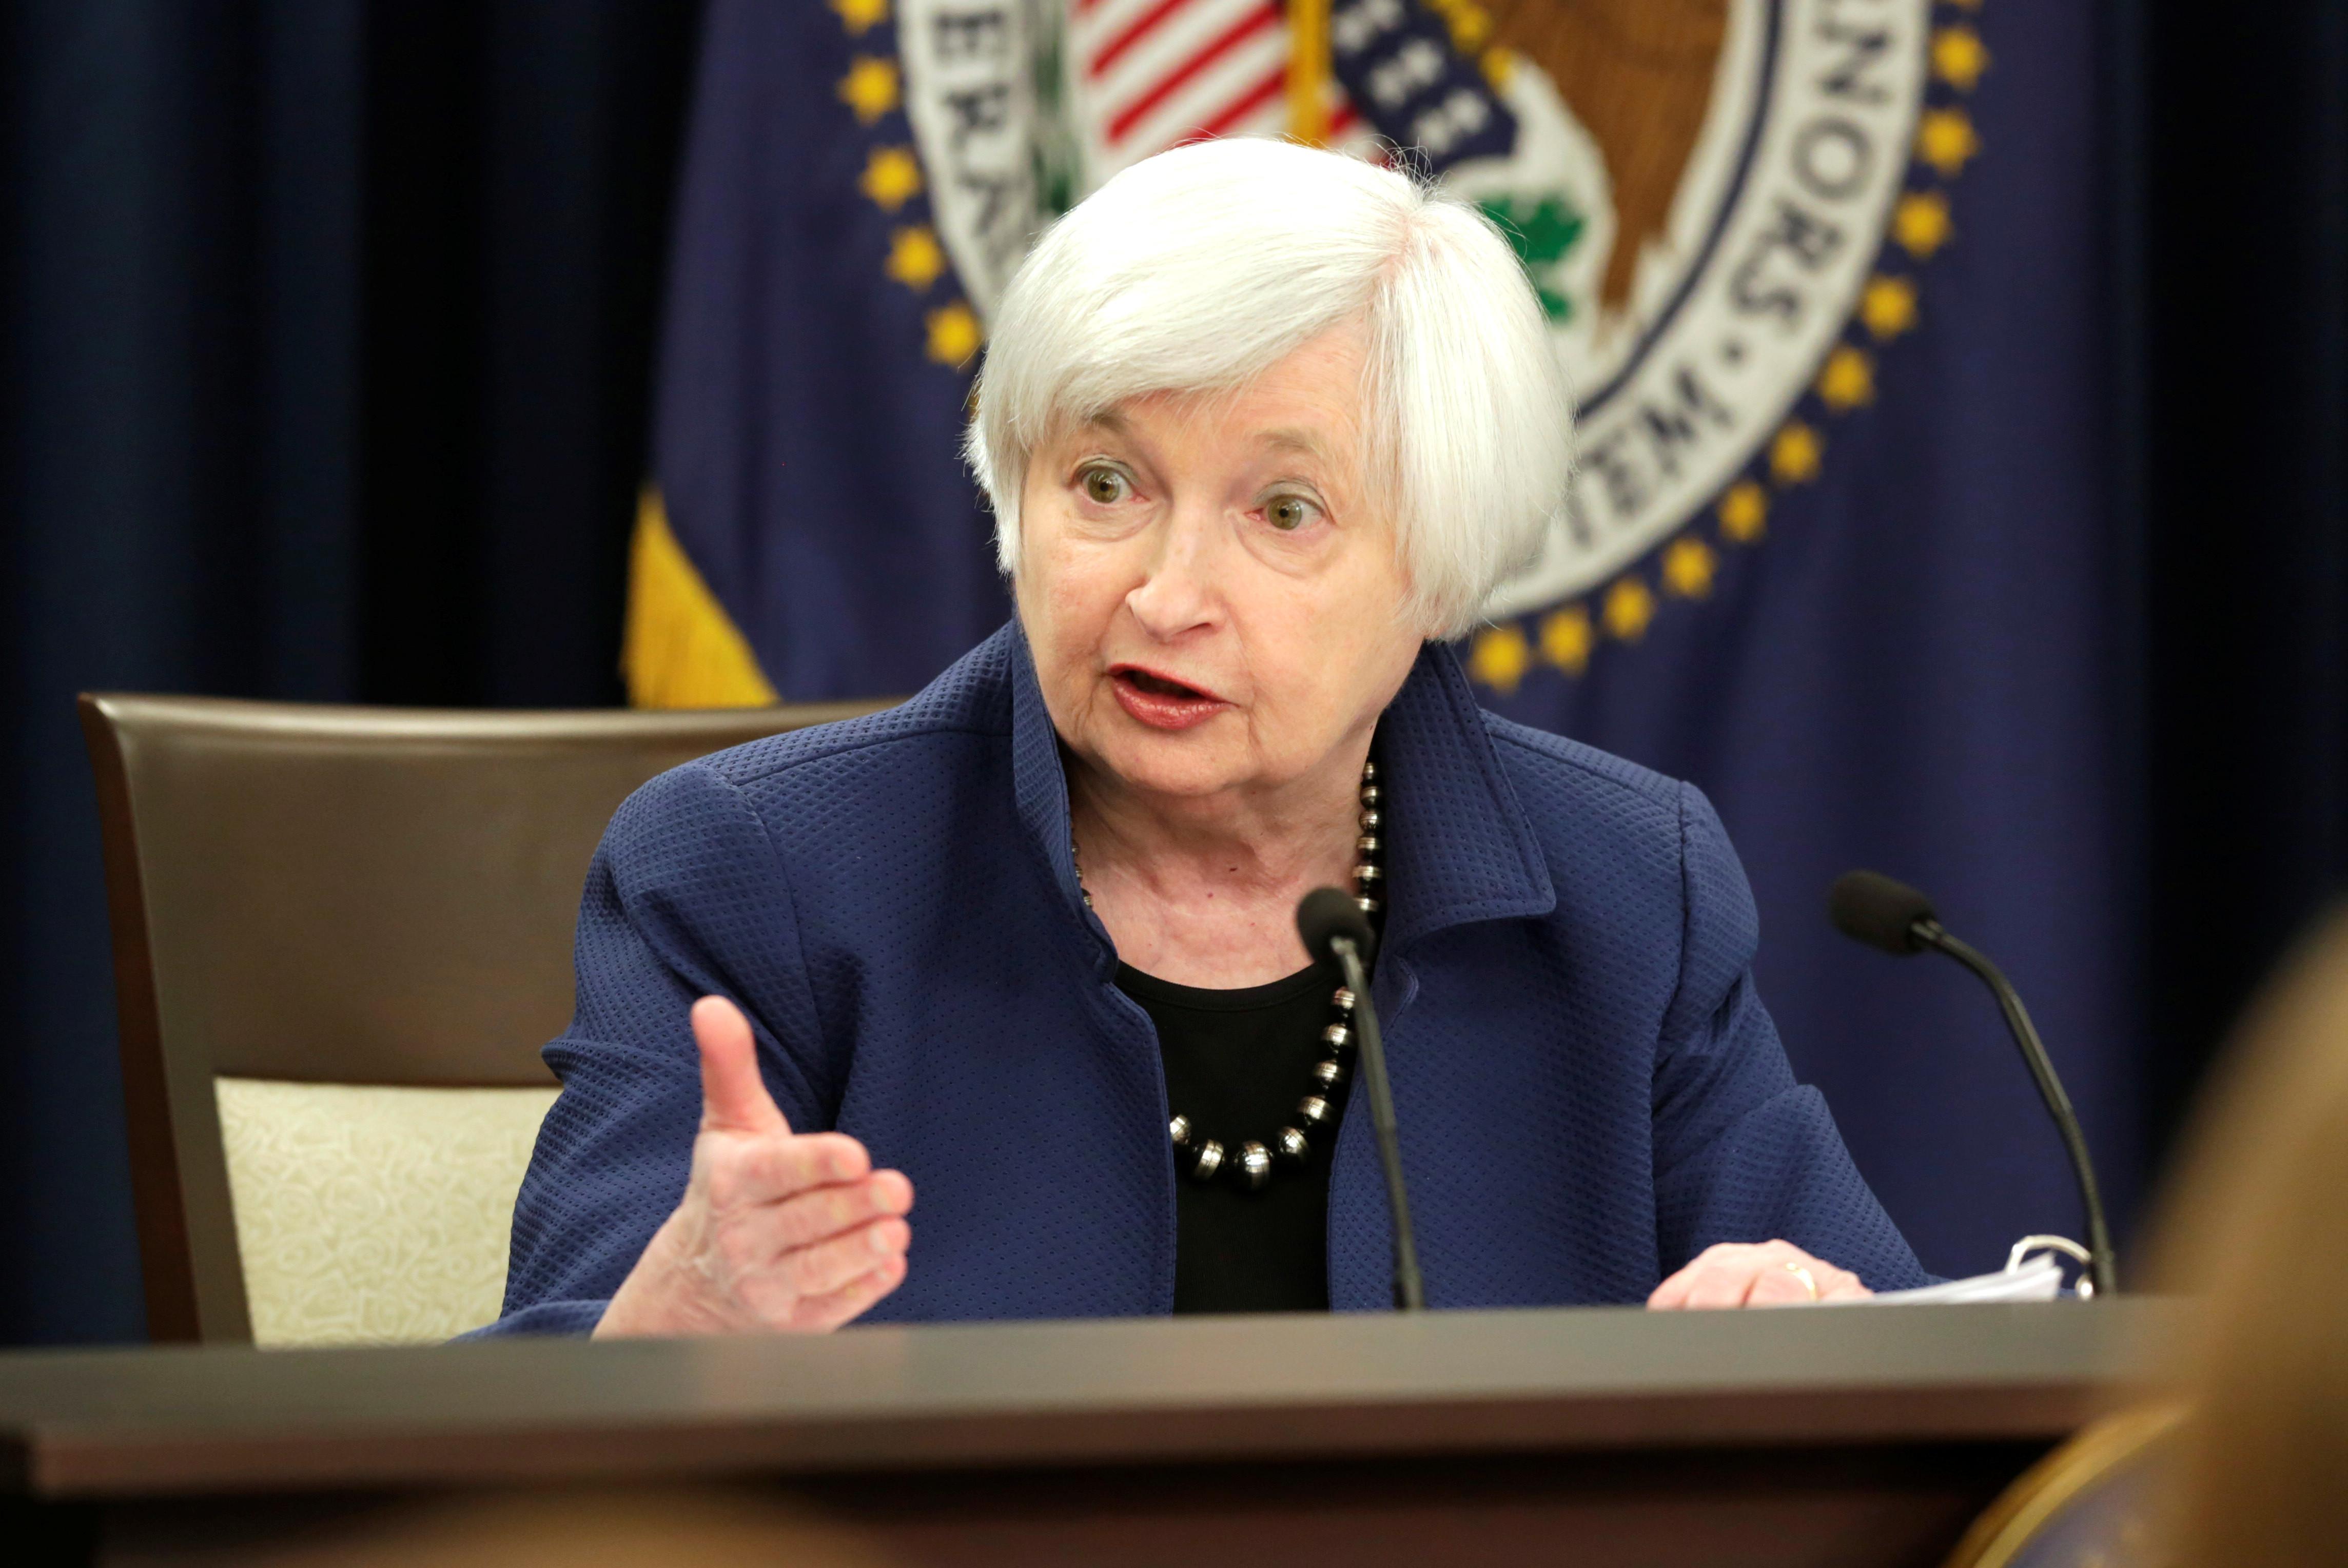 低利率,QE,股價,房地產,通膨,消費者物價指數,央行,聯準會,GDP,金融海嘯,葉倫,菲利普曲線,物價,勞動市場,電商